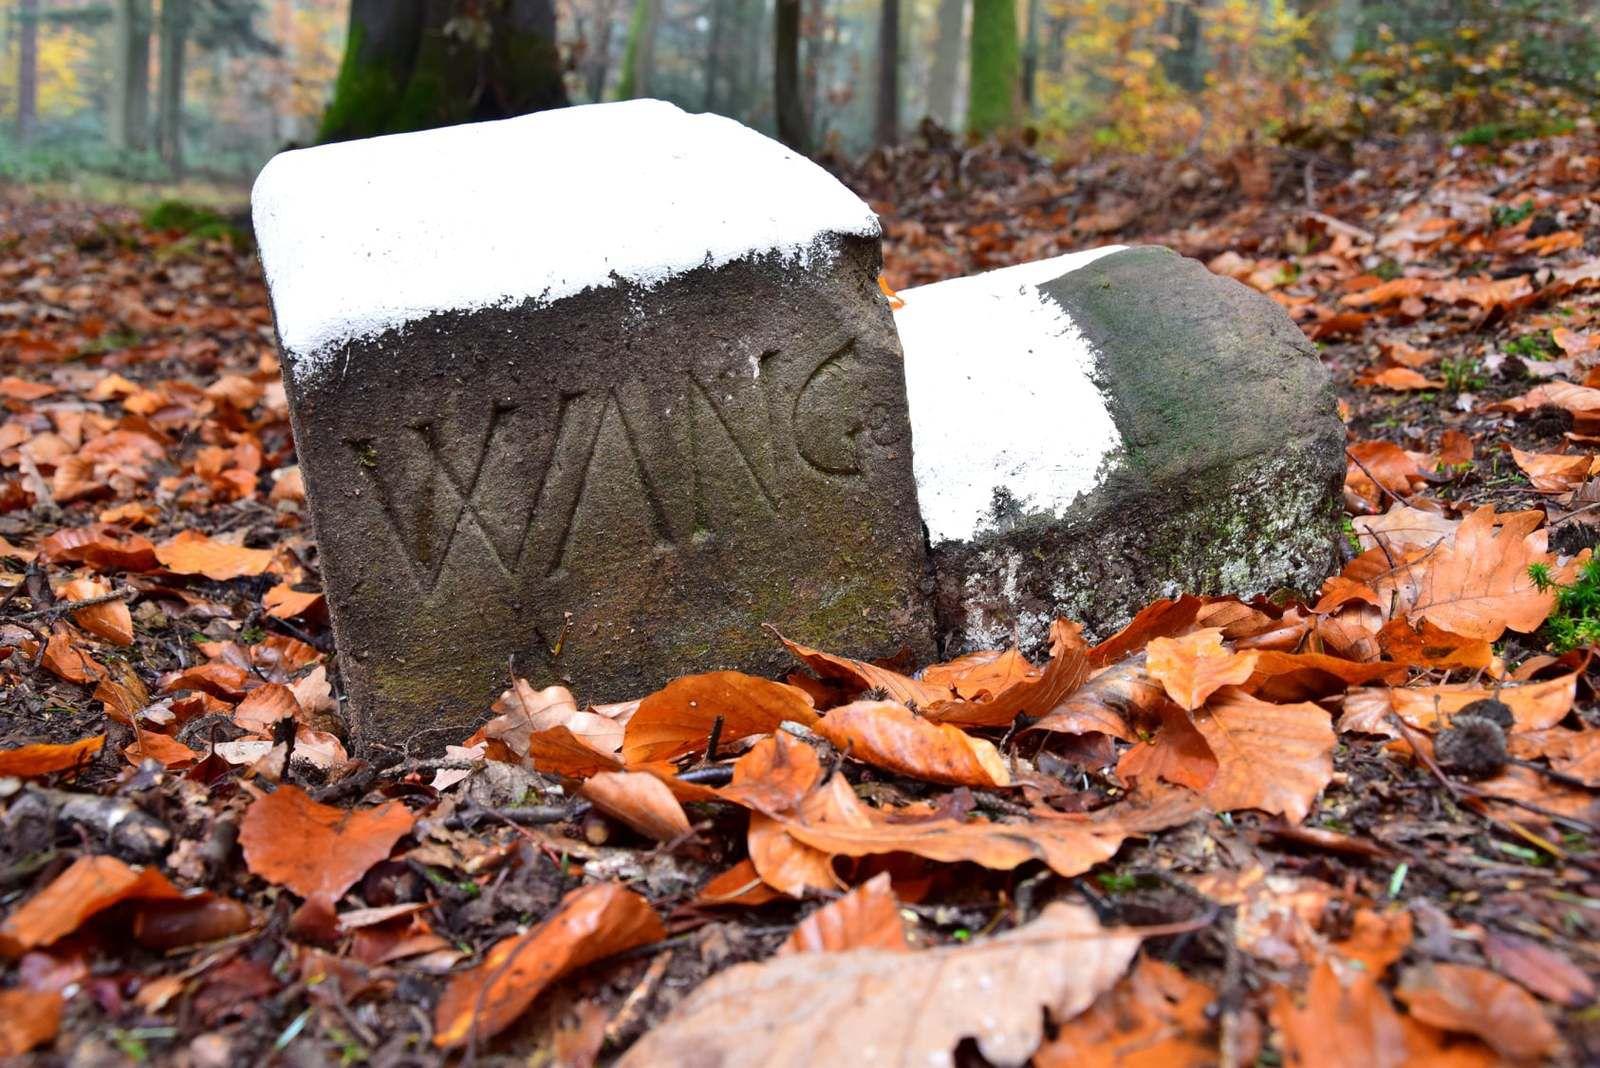 Cette borne porte les lettres WANG pour Wangen